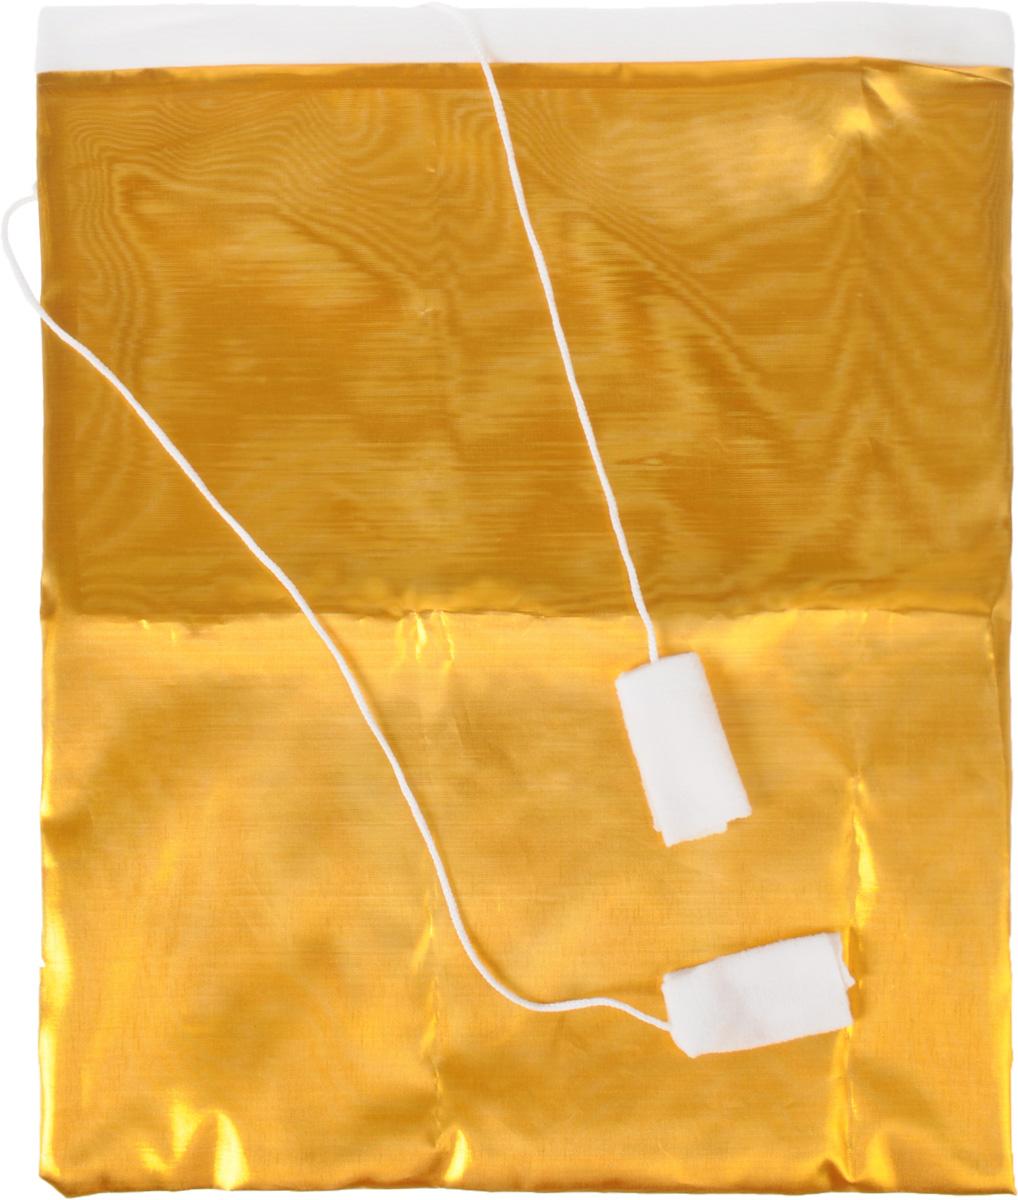 Мешок для подарков Eva, цвет: золотистый, белый, 37 х 50 смNLED-454-9W-BKМешок Eva, выполненный из полиэстера, предназначен для подарков. Такой аксессуар особенно актуален в преддверии новогодних праздников.